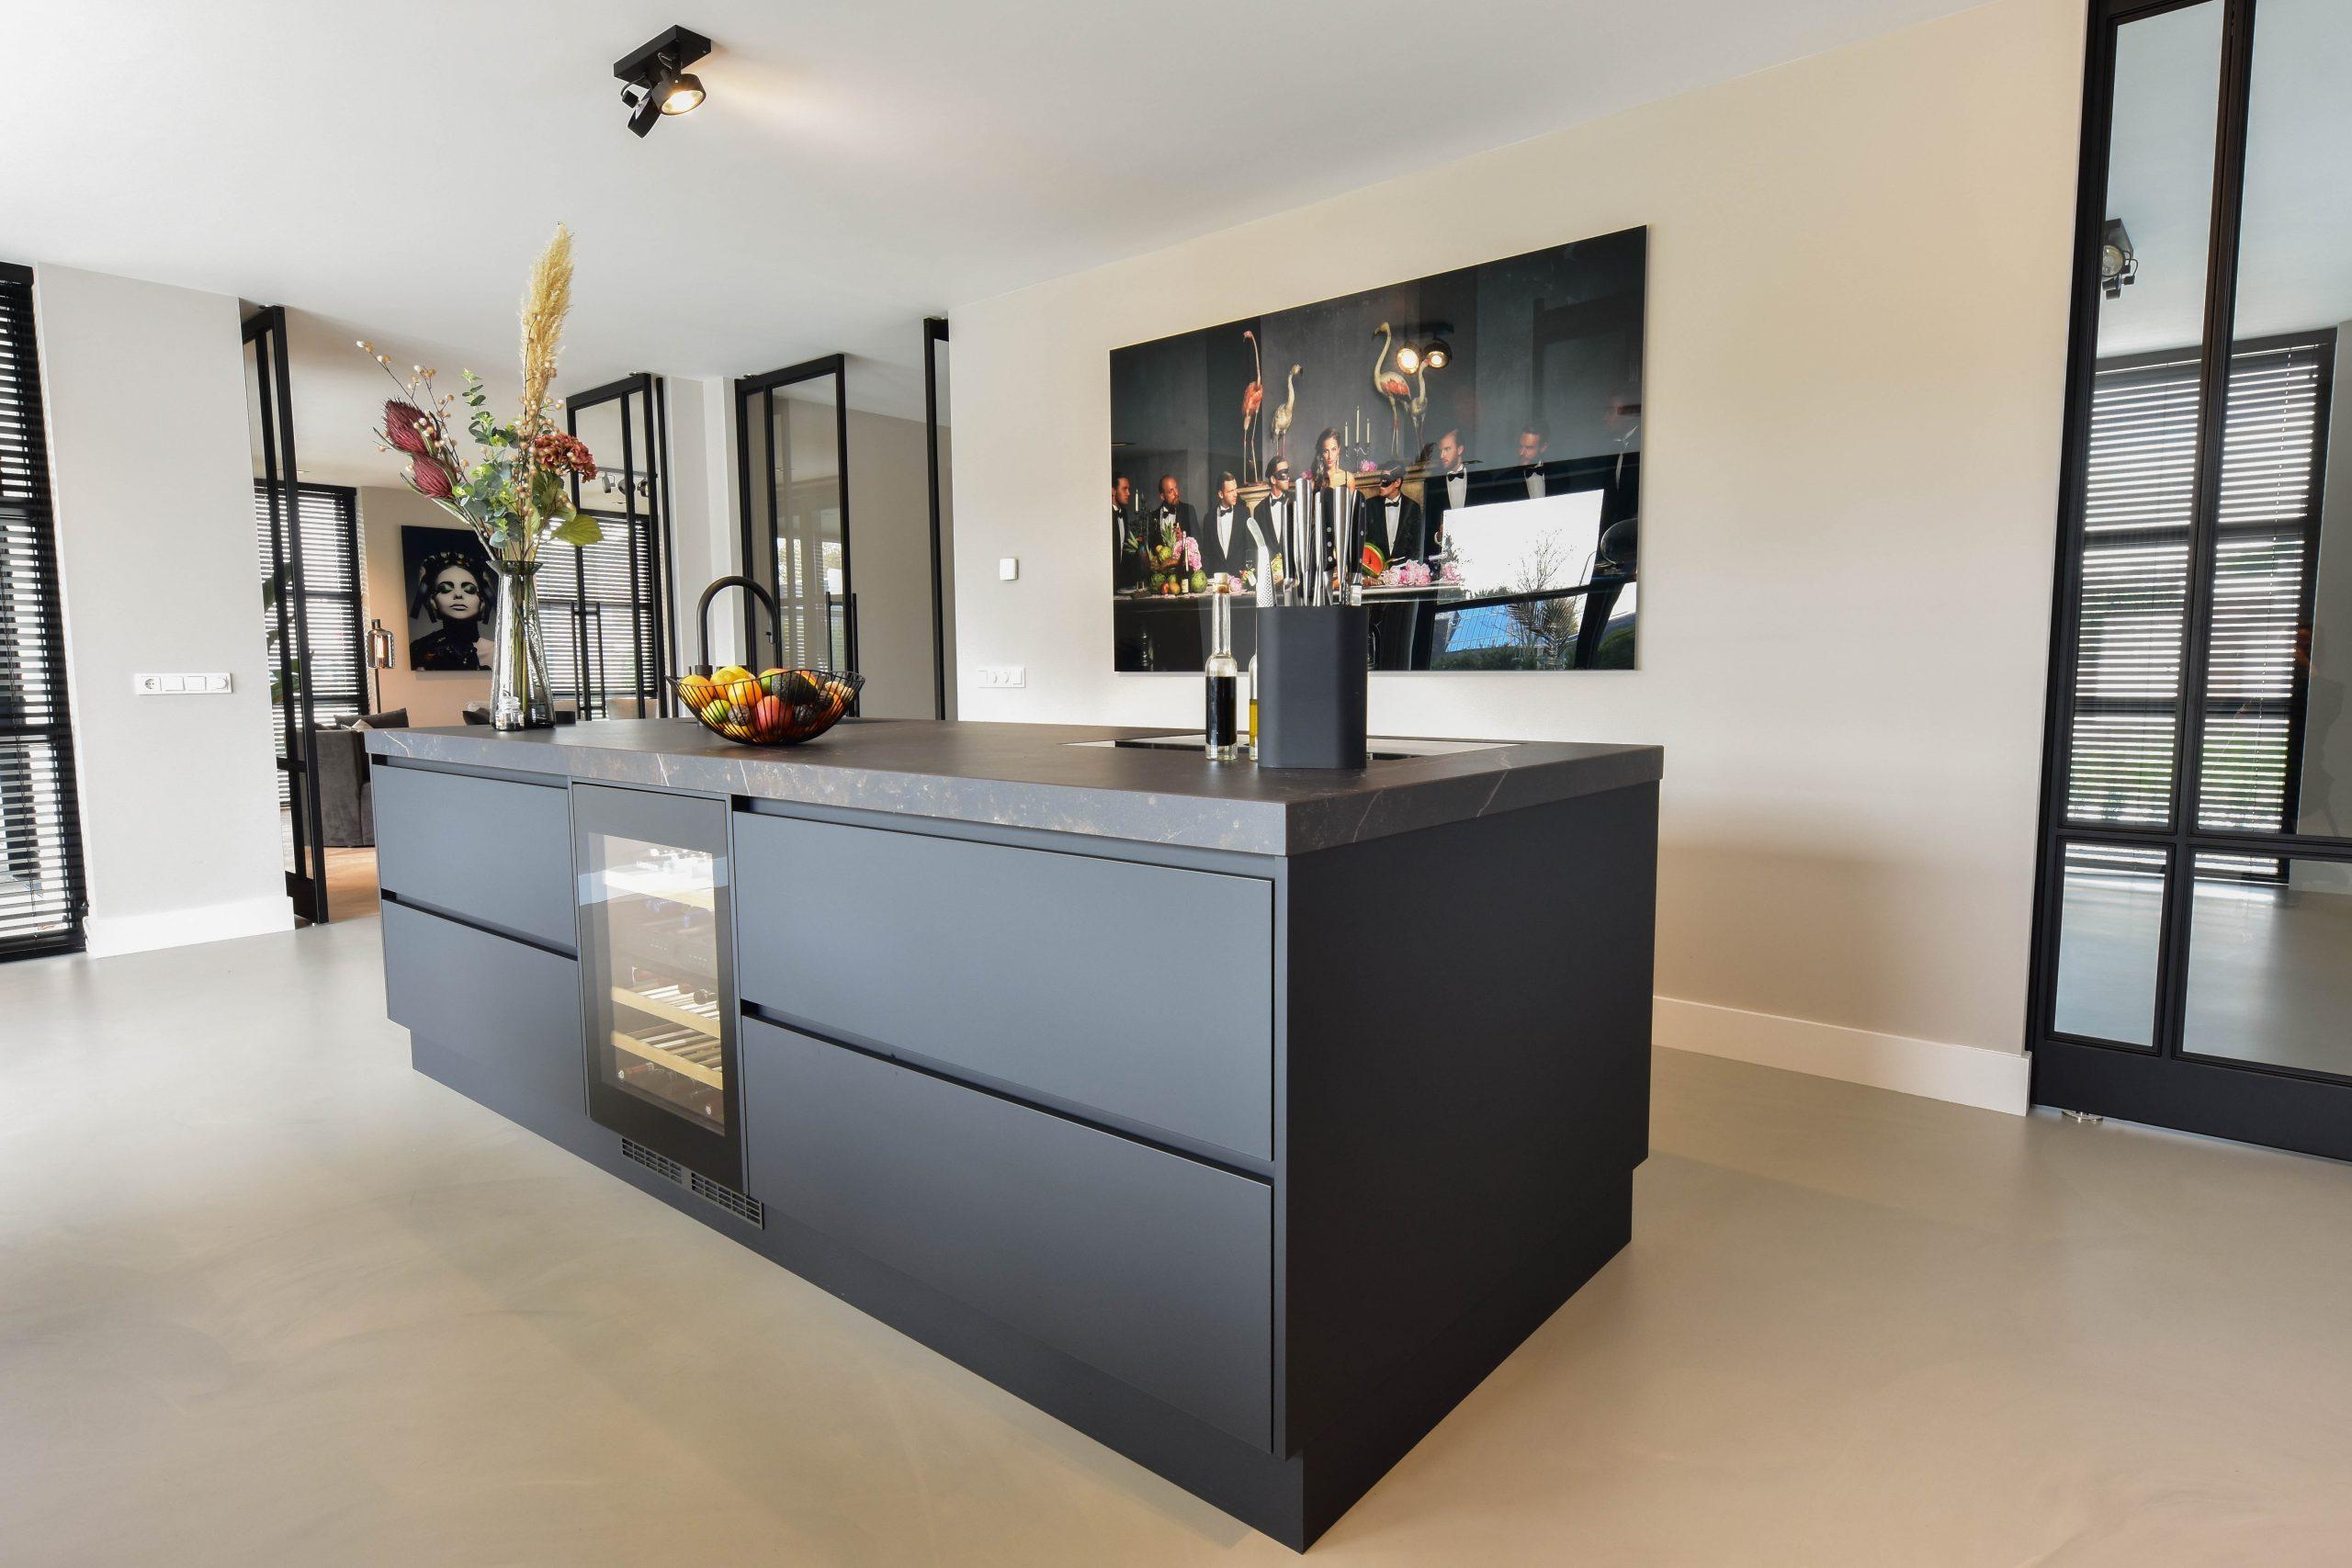 Moderne keuken mat zwart - Lemmens interieurs